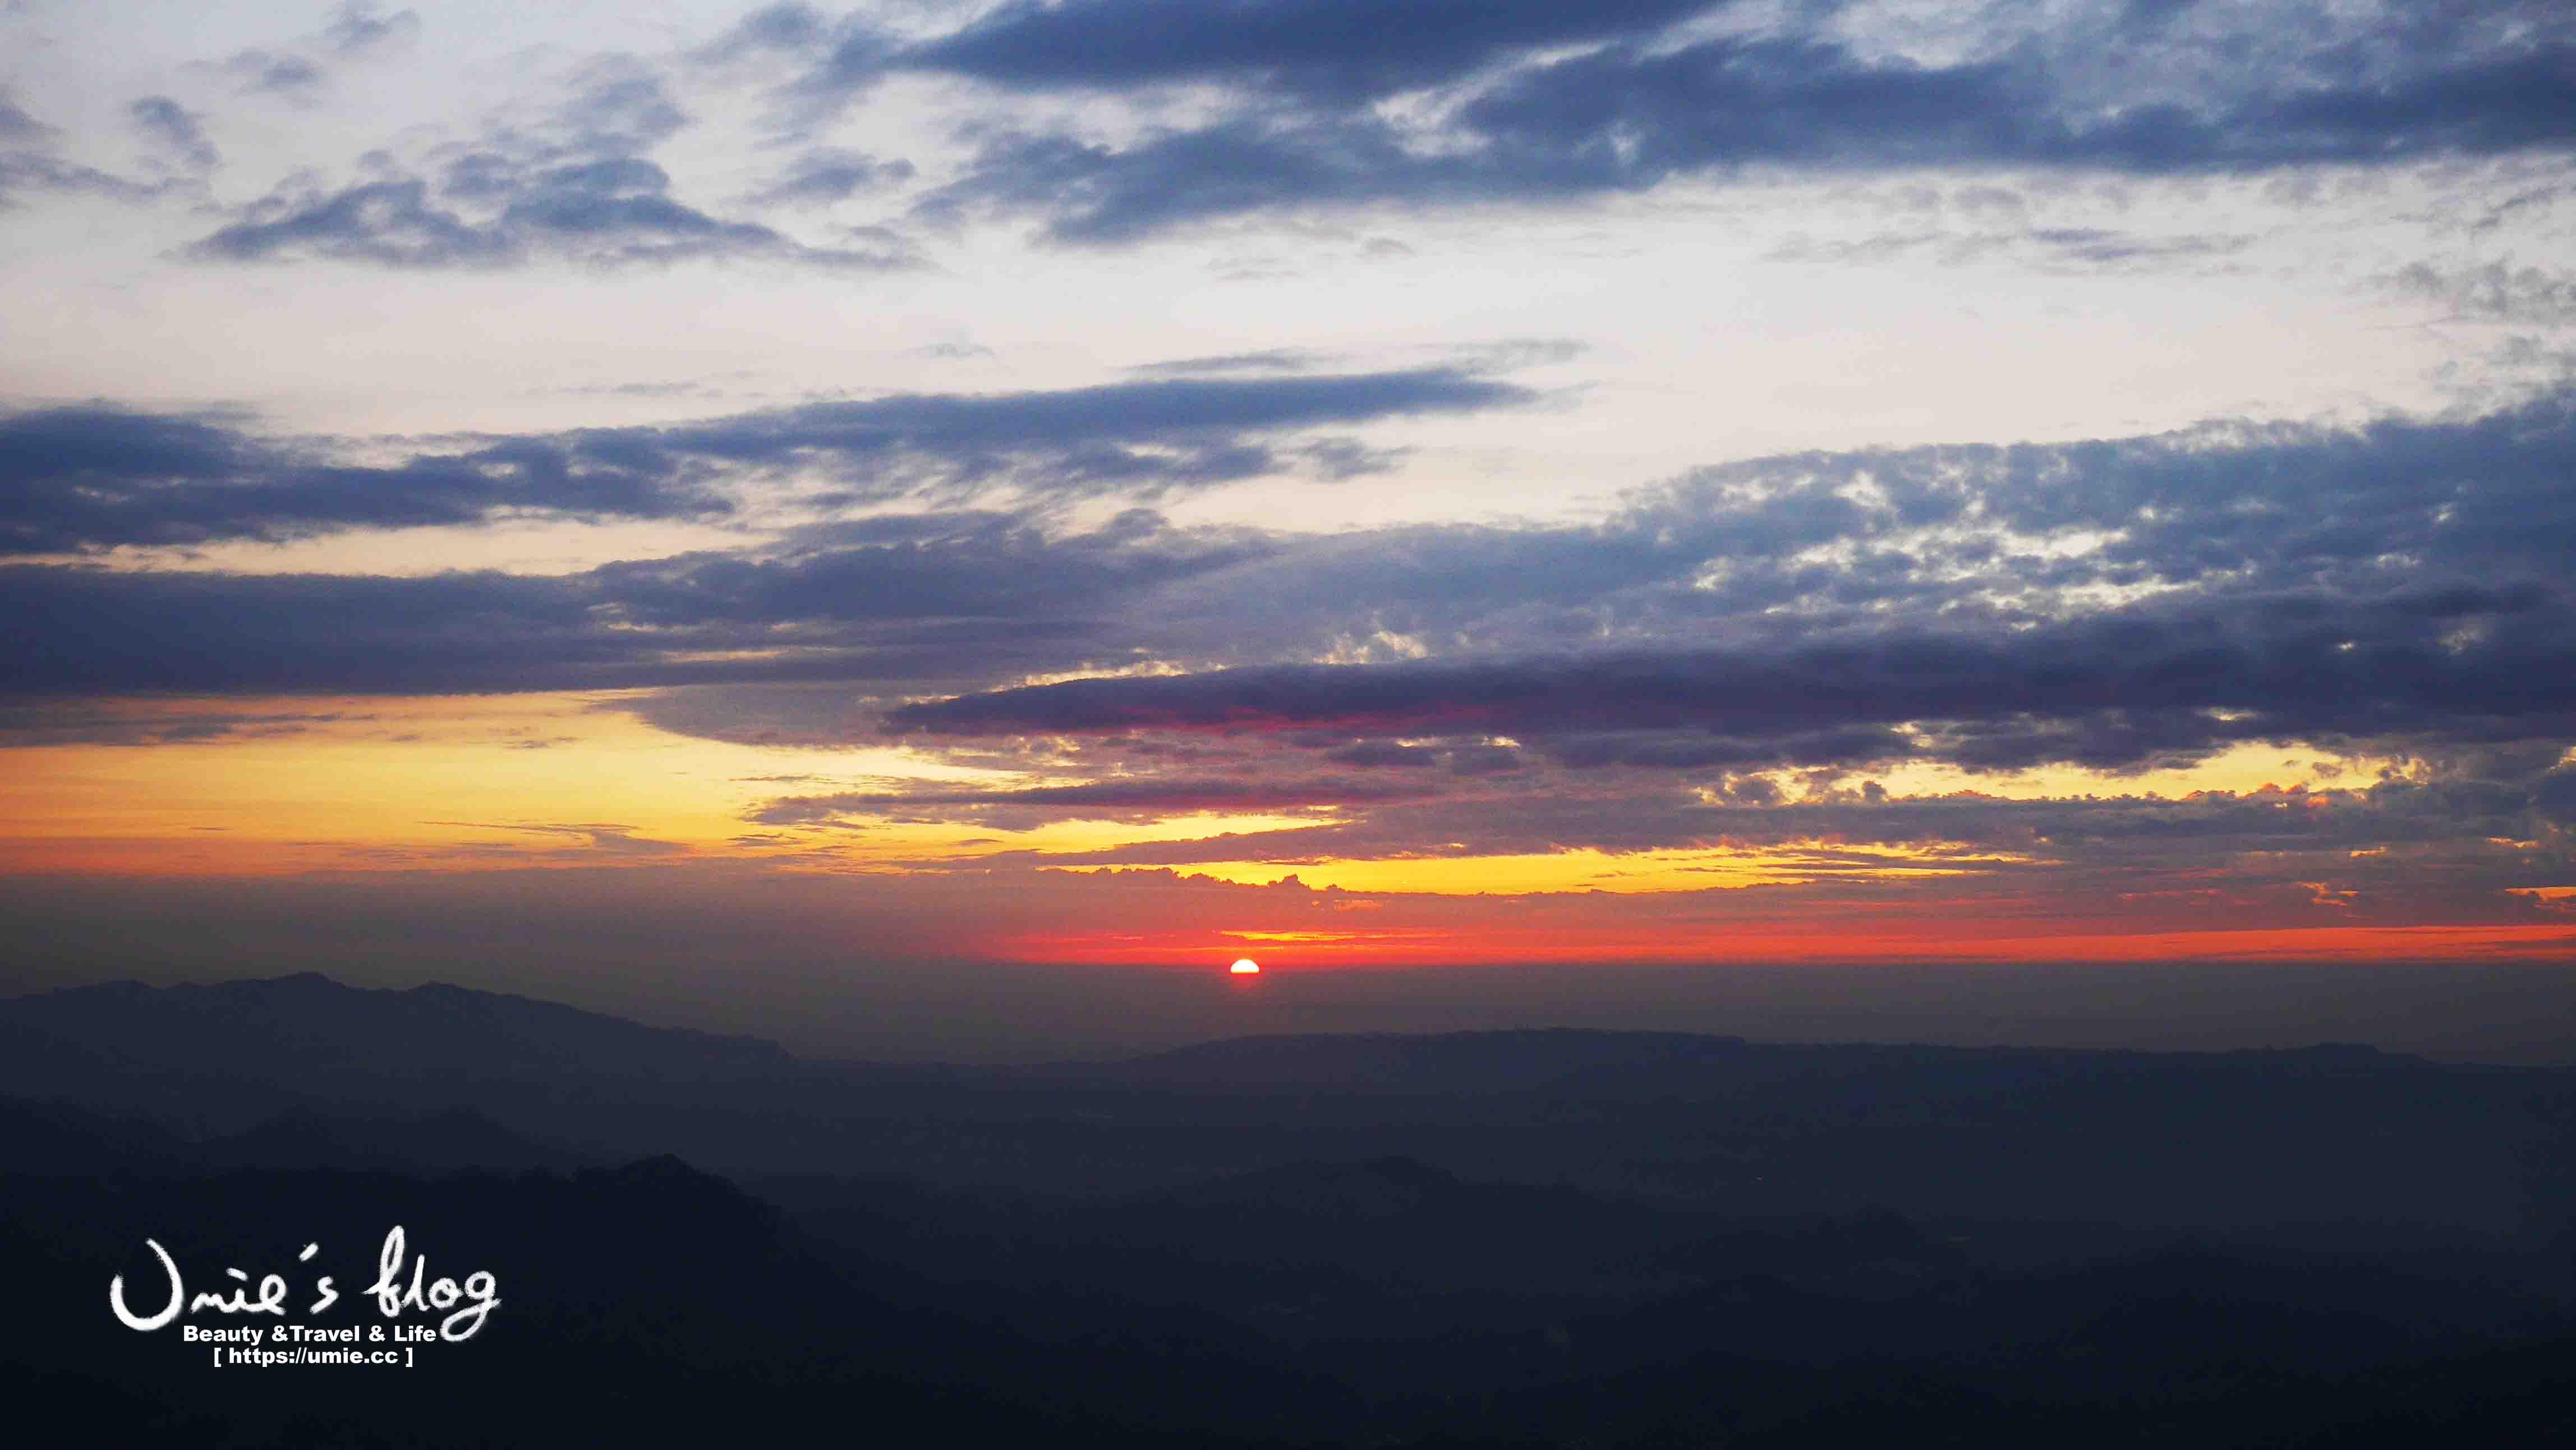 台中情侶約會推薦(和平區) -看日出雲海|日落夕陽|星光夜景,超迷人浪漫的若茵農場民宿!